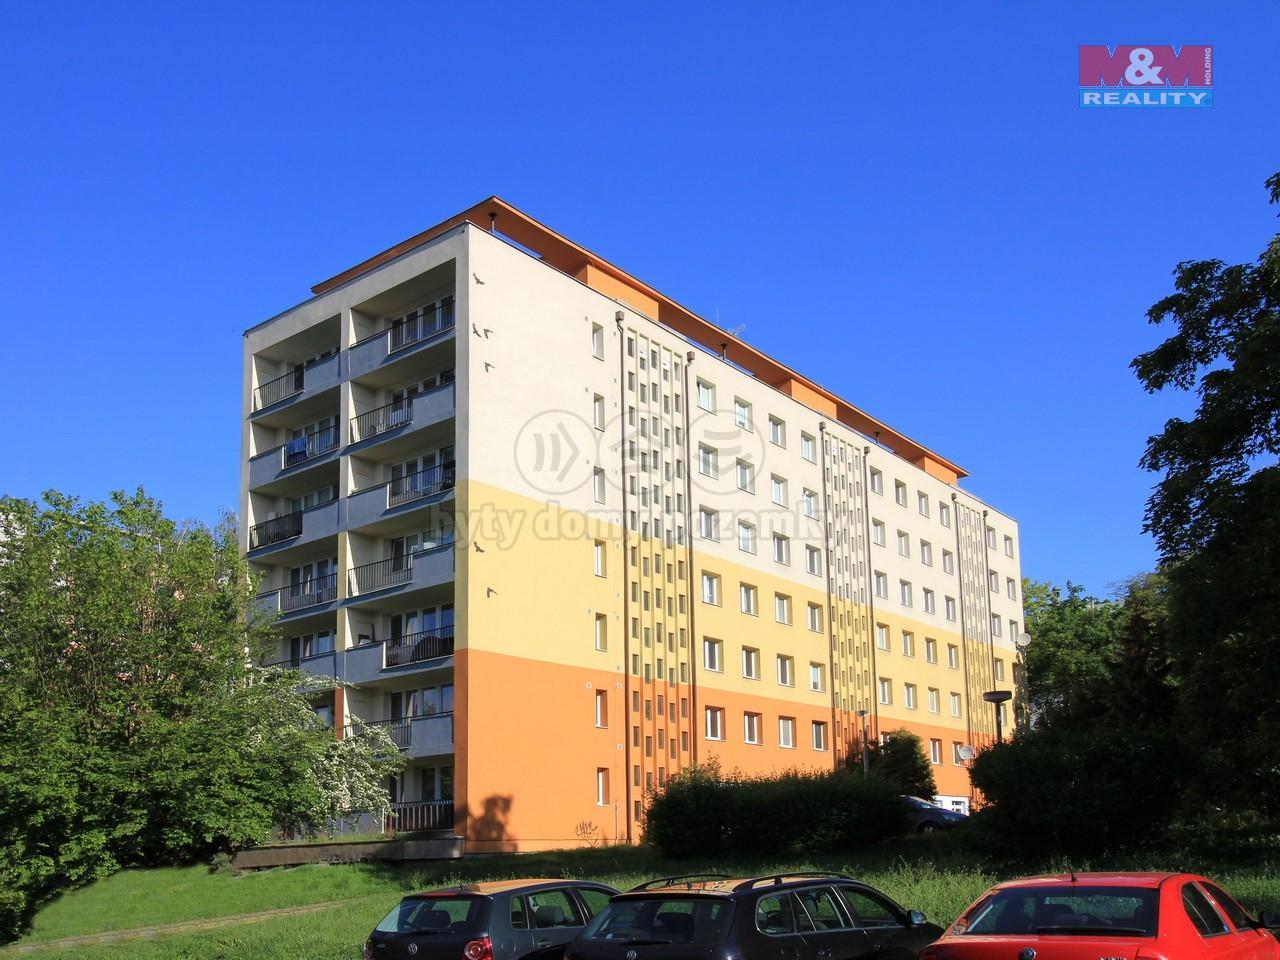 Prodej, byt 3+1, Ústí nad Labem, ul. Velká Hradební